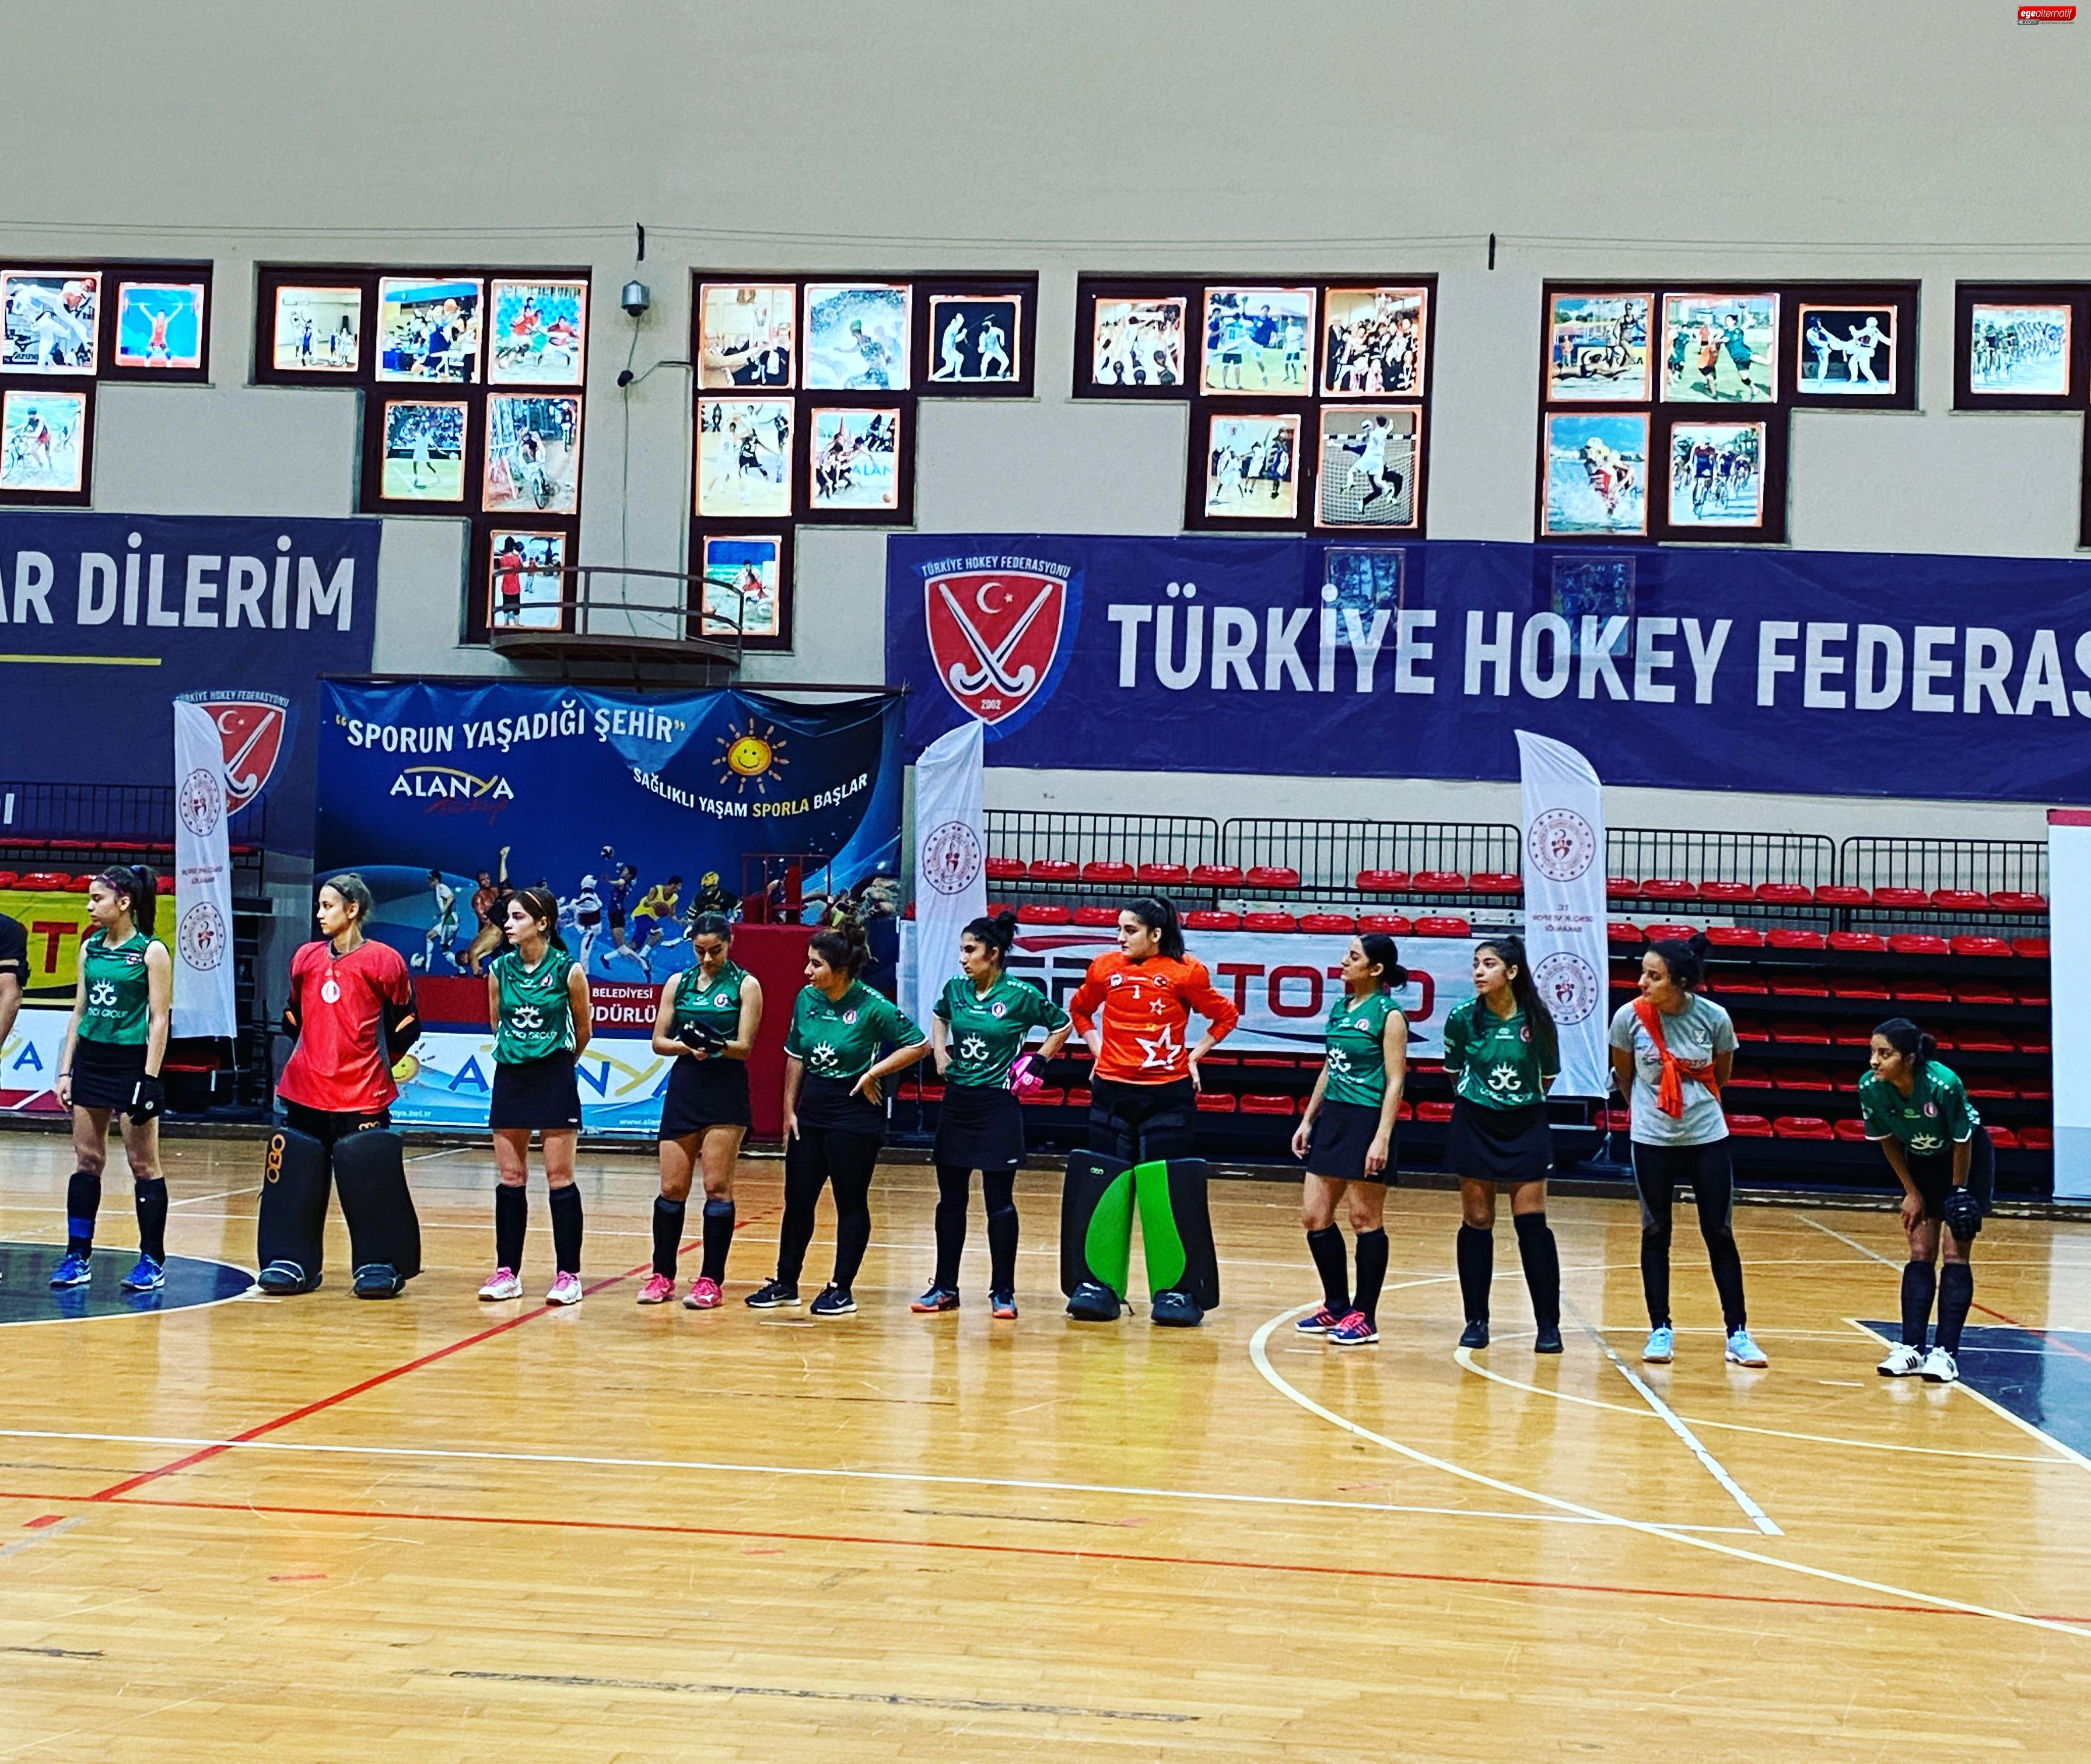 Köyceğiz Balı Spor Kulübü Süper Lig'de ilk galibiyetini aldı